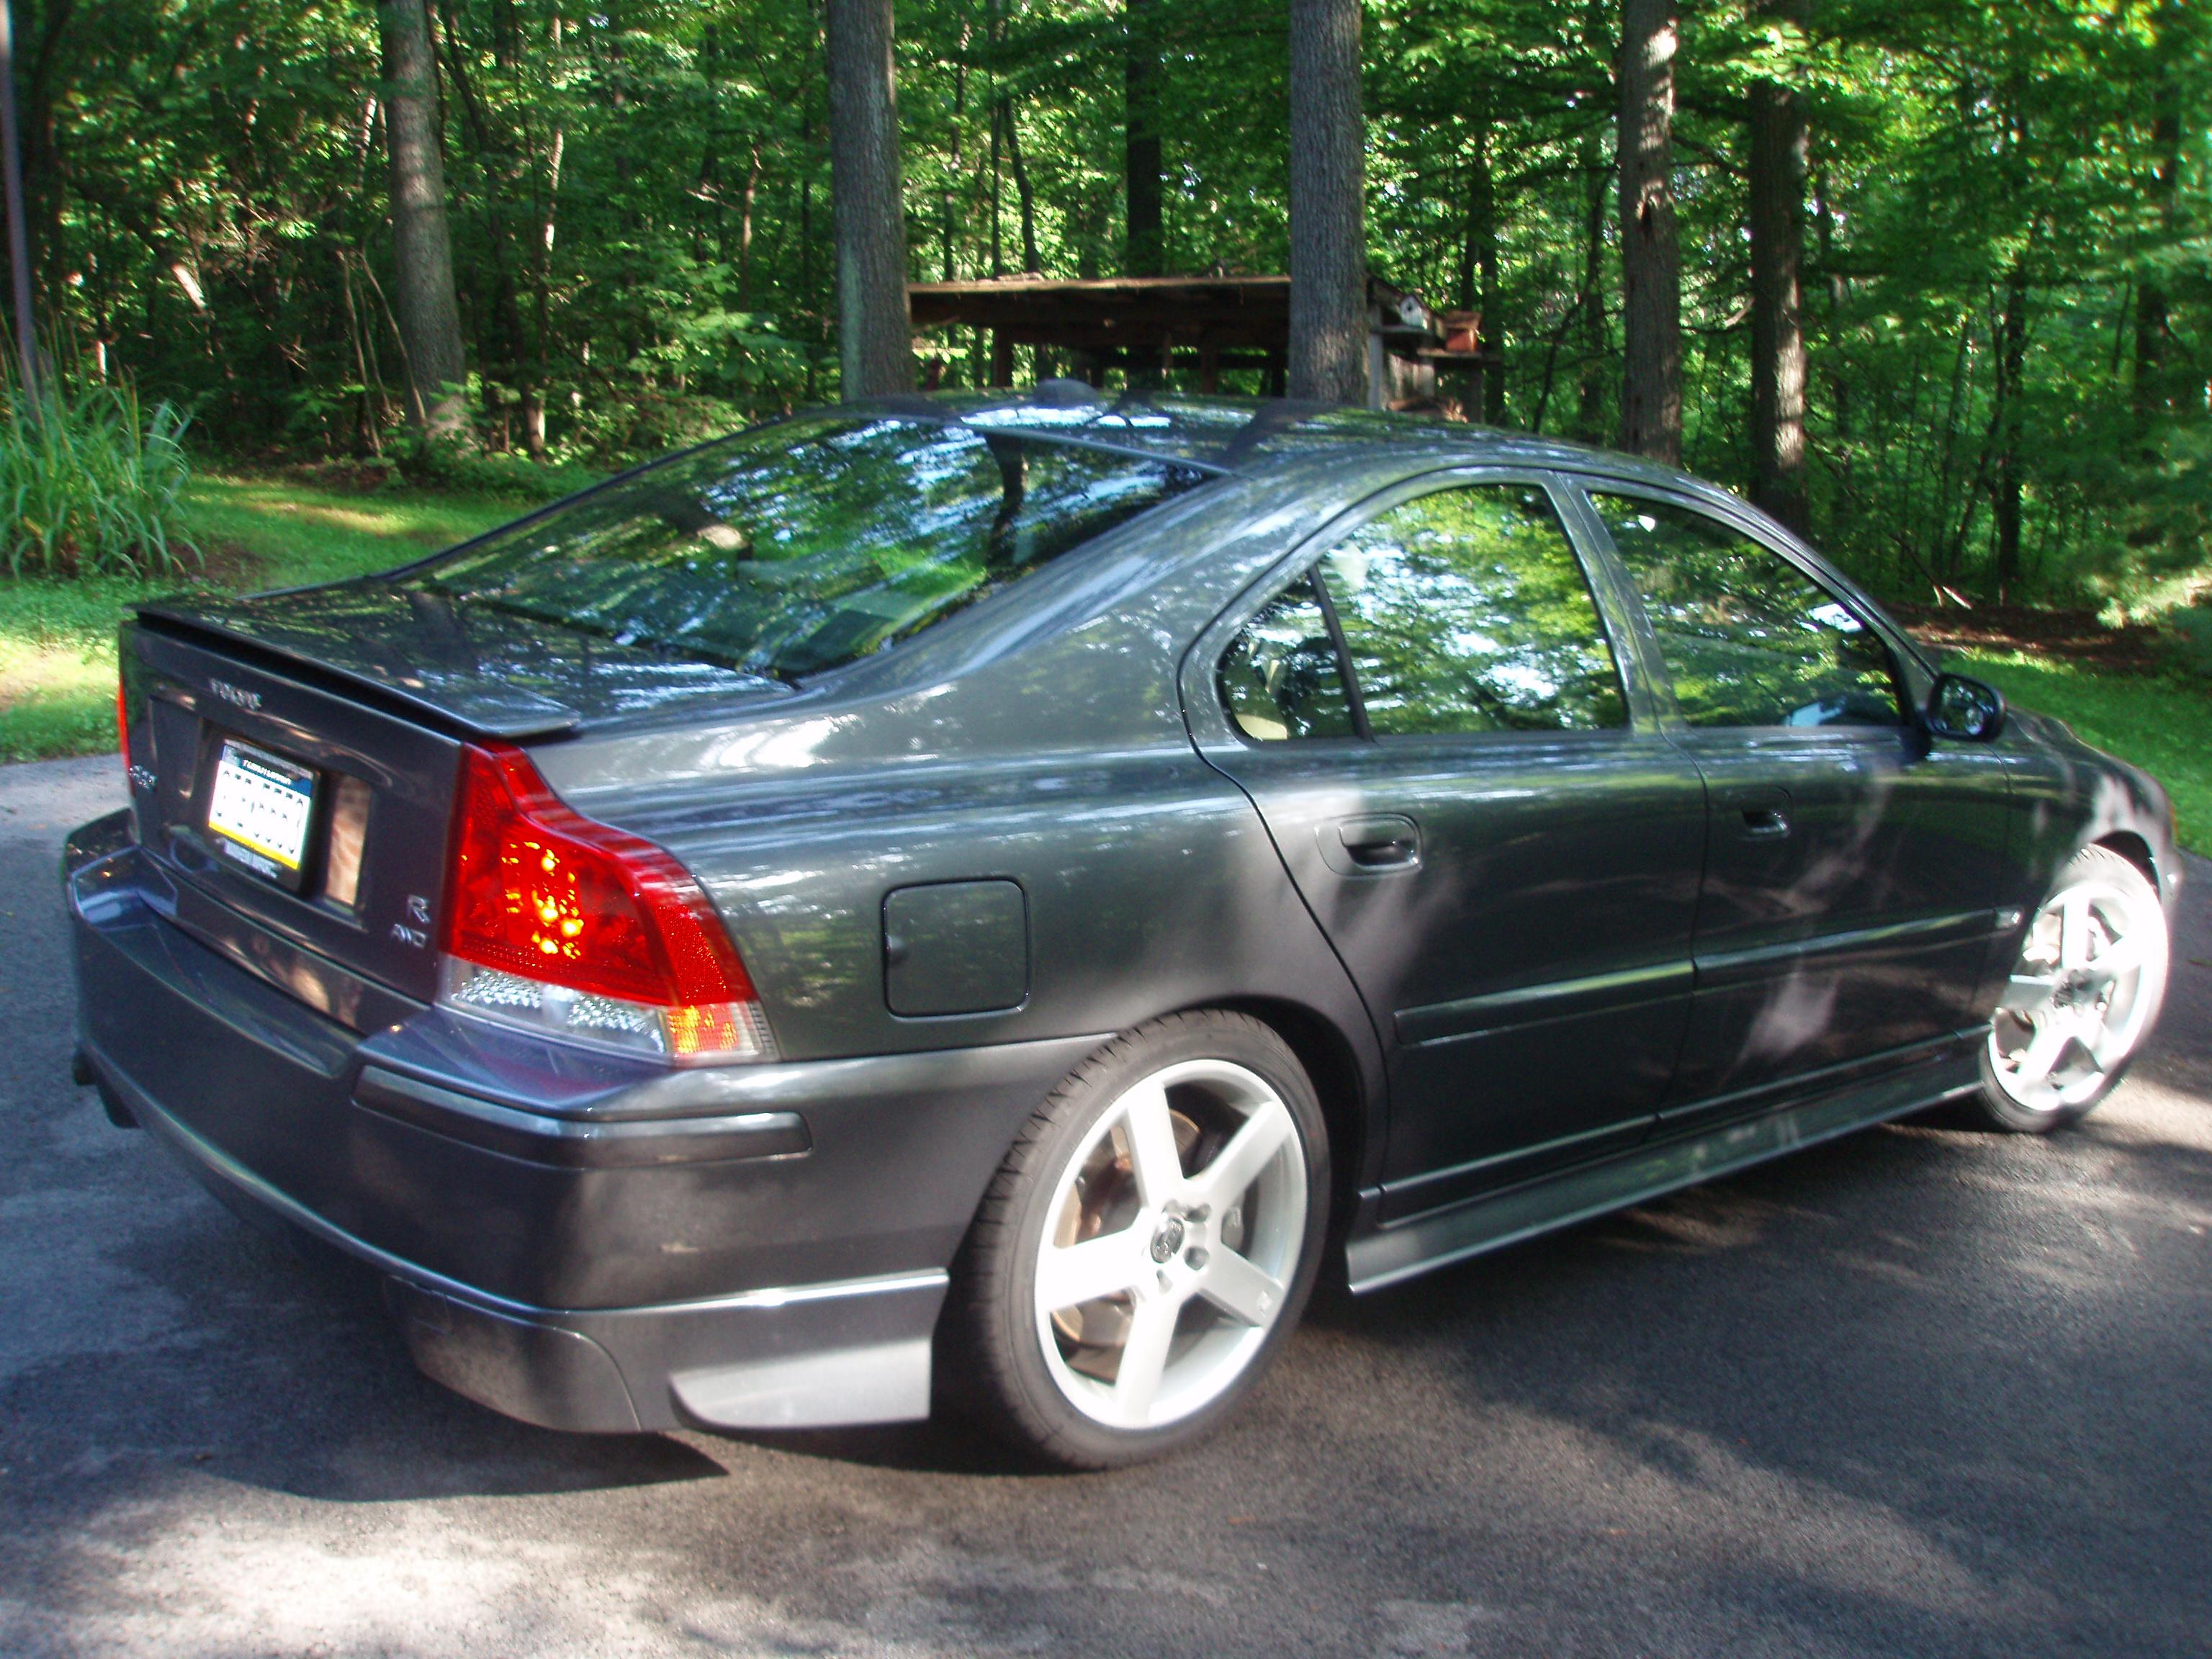 2005 Volvo S60R 88K Miles Aero Kit York PA $8999